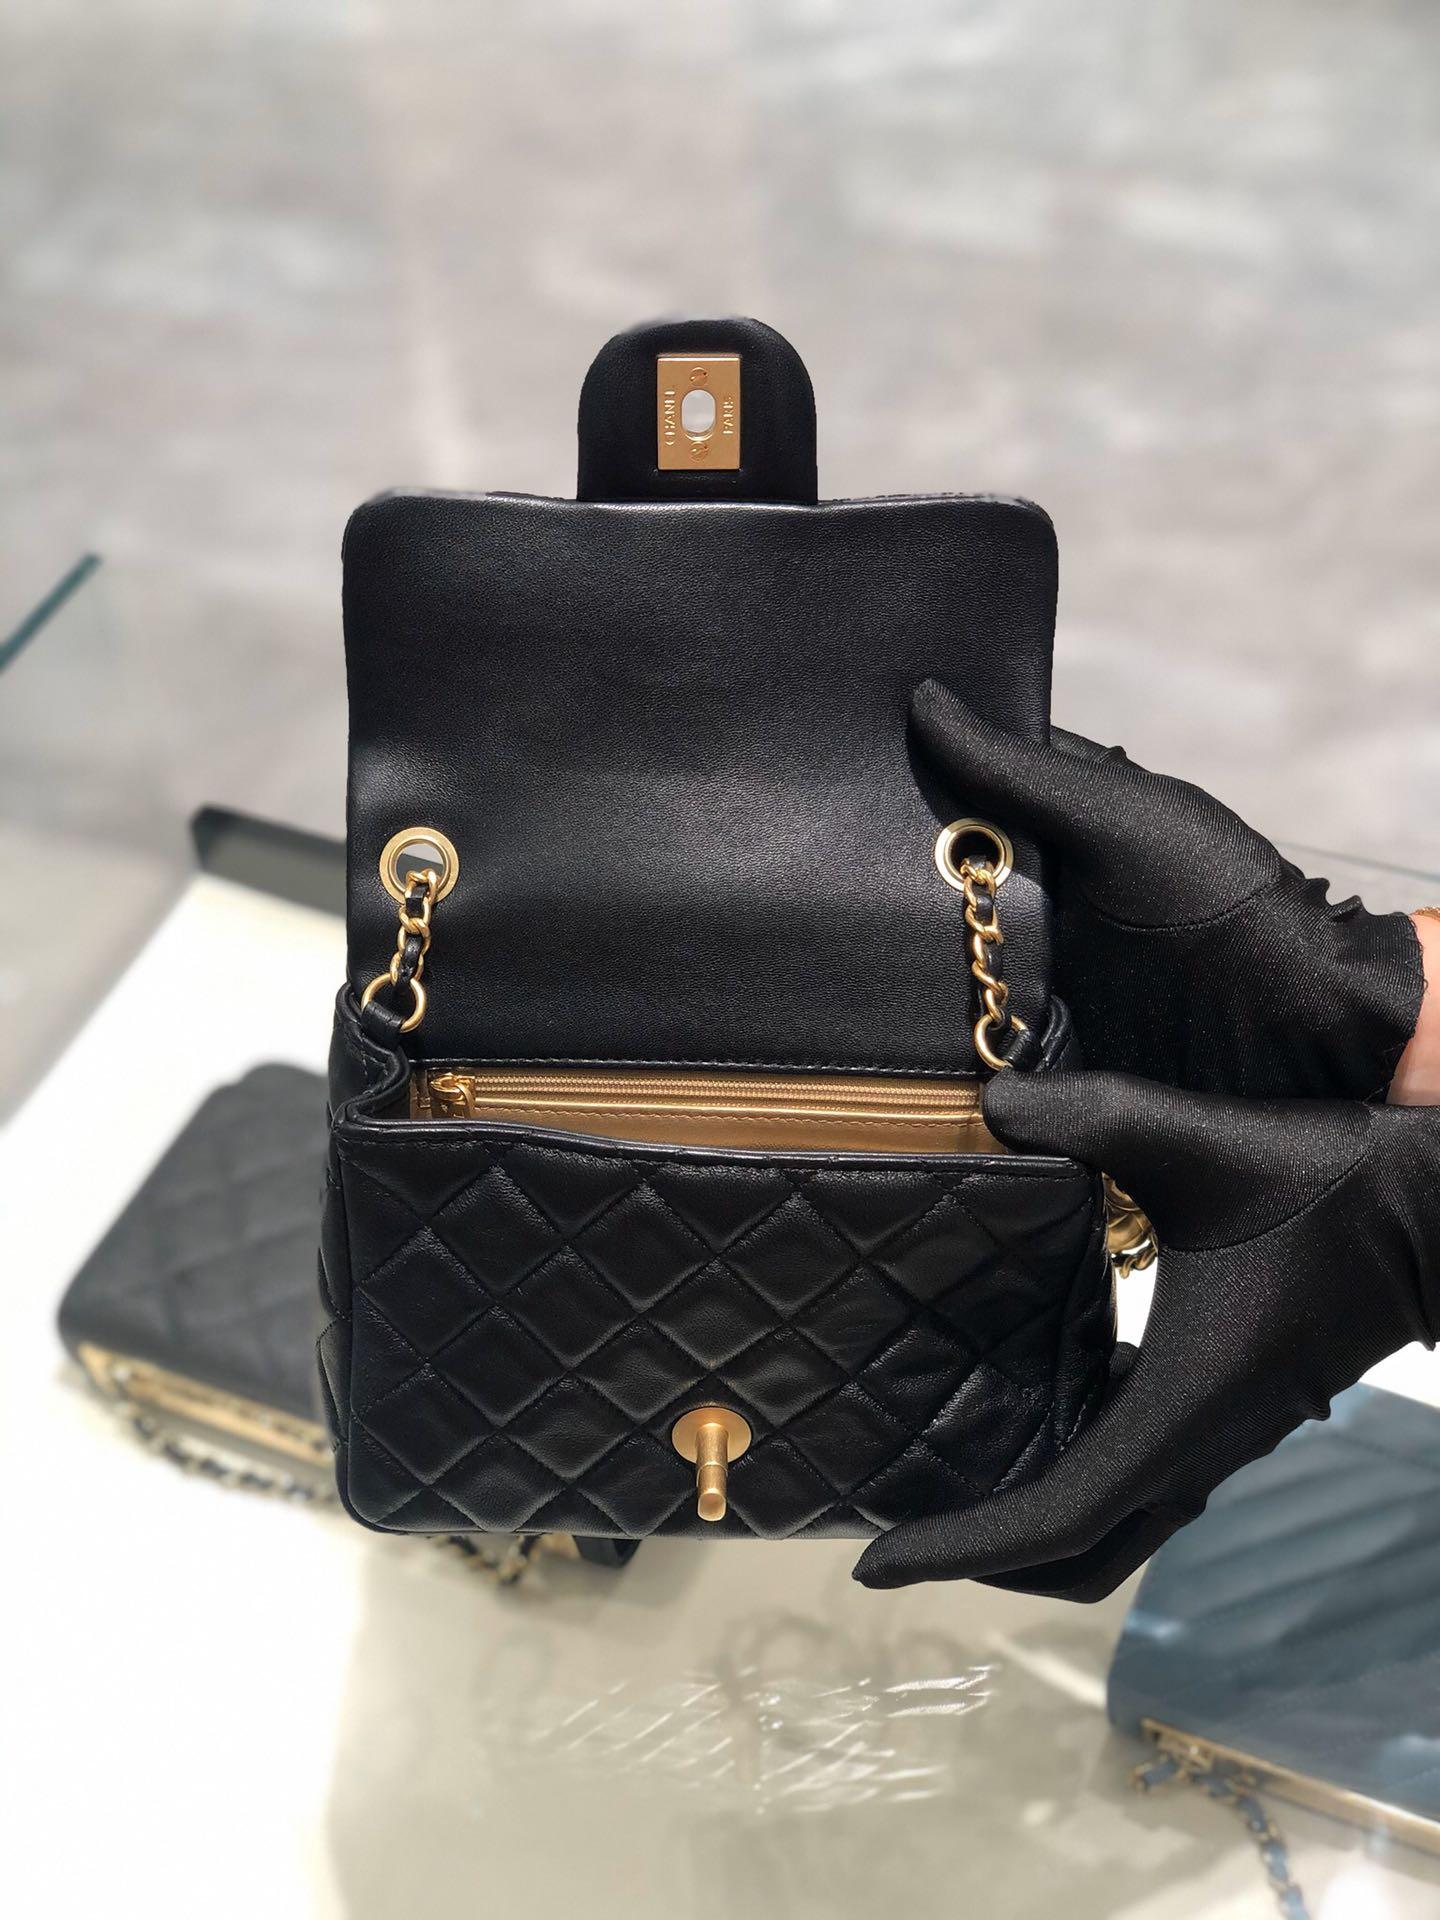 2020 超美金属球方胖子Chanel 13.18.7cm 保留经典 配上复古五金 超好看 黑色